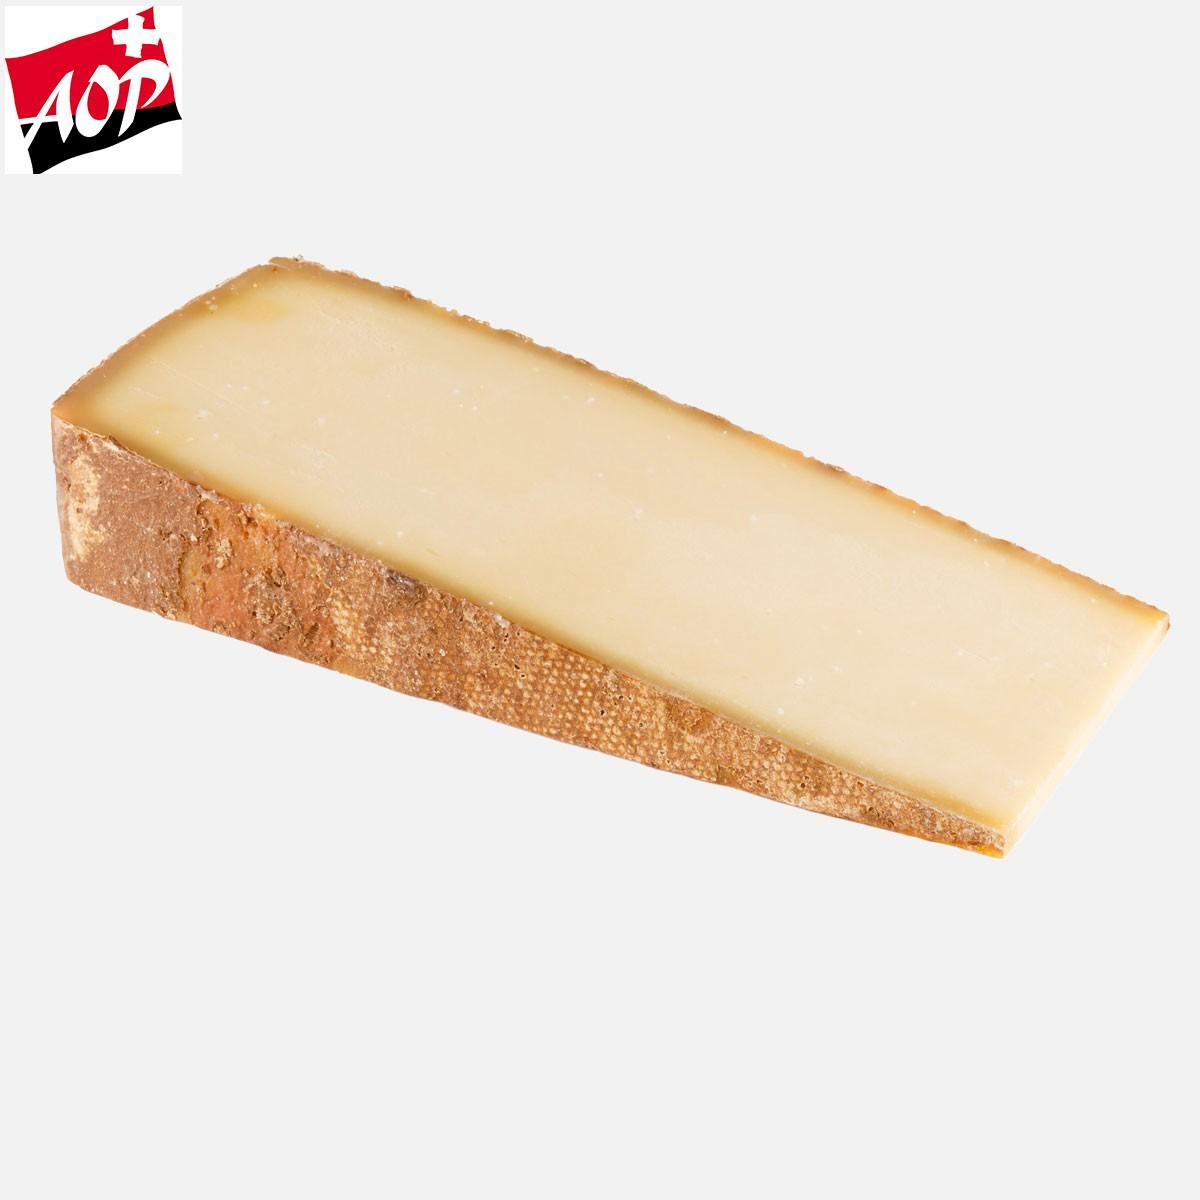 Le Gruyère AOP VIEUX 500g